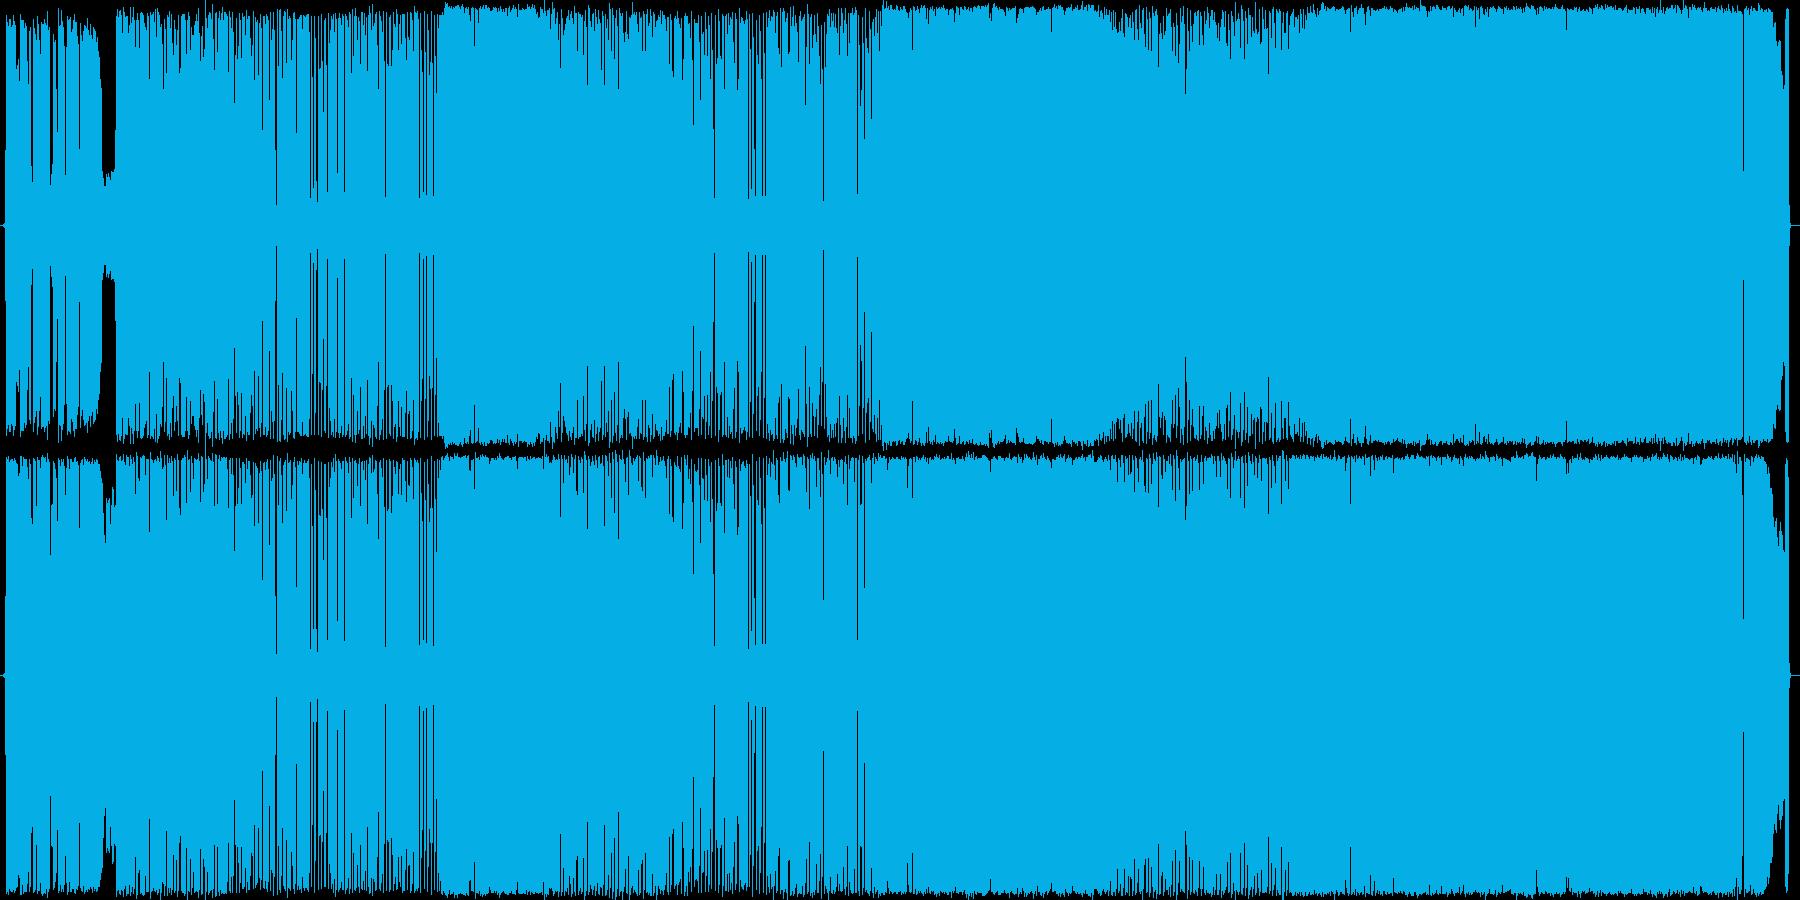 ロックサウンドでリラックスした歌モノの再生済みの波形